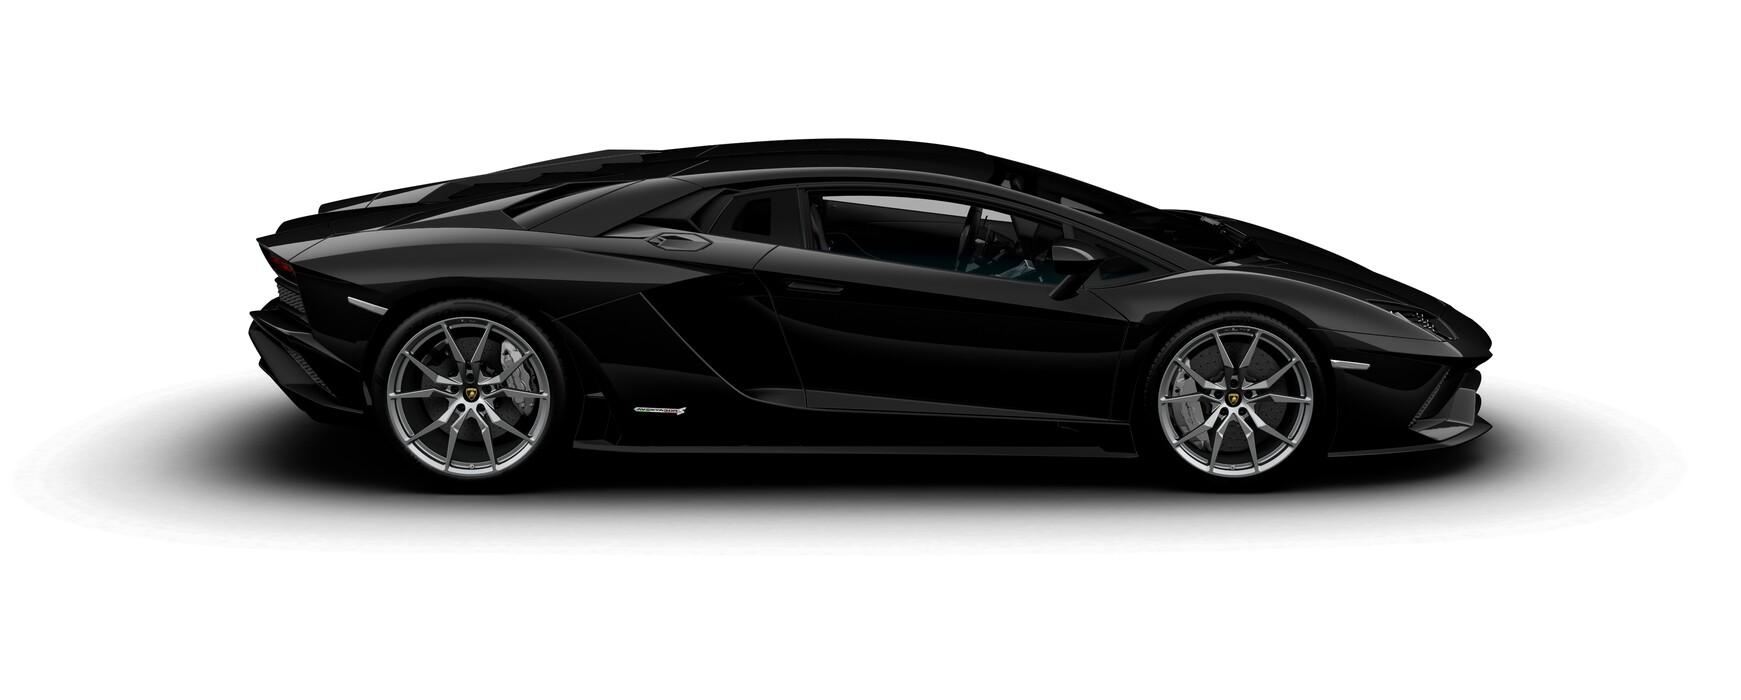 Lamborghini Aventador S Coupe gloss Nero Aldebaran side view